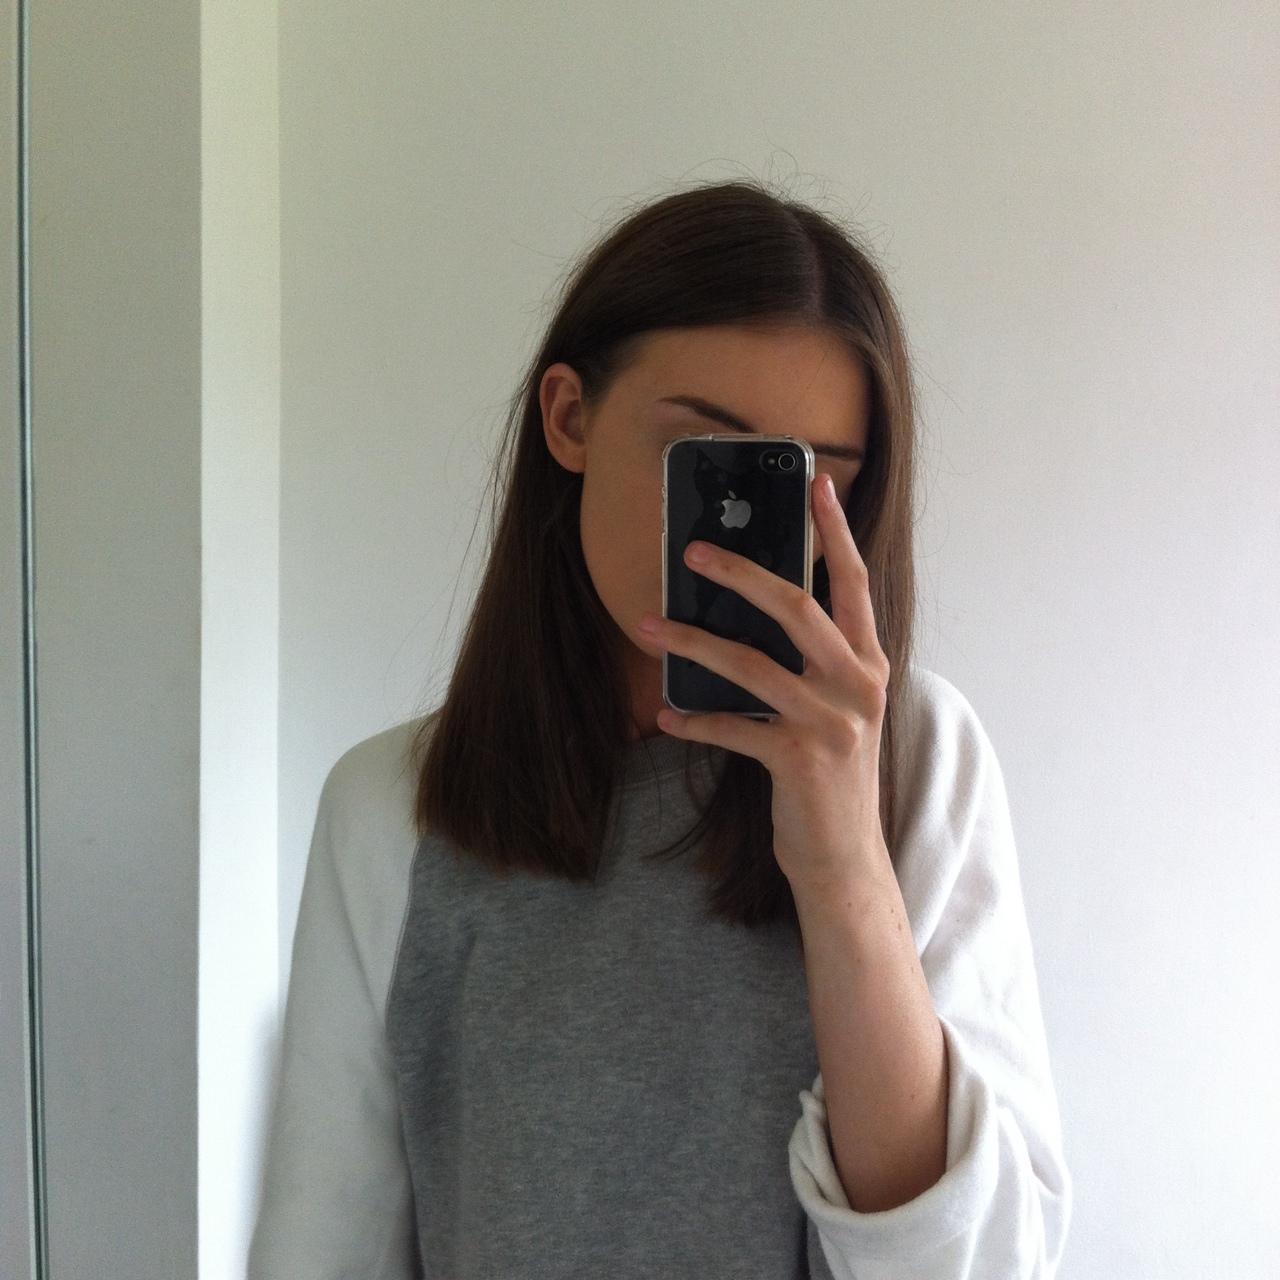 Photo De Profil Fashion Girl